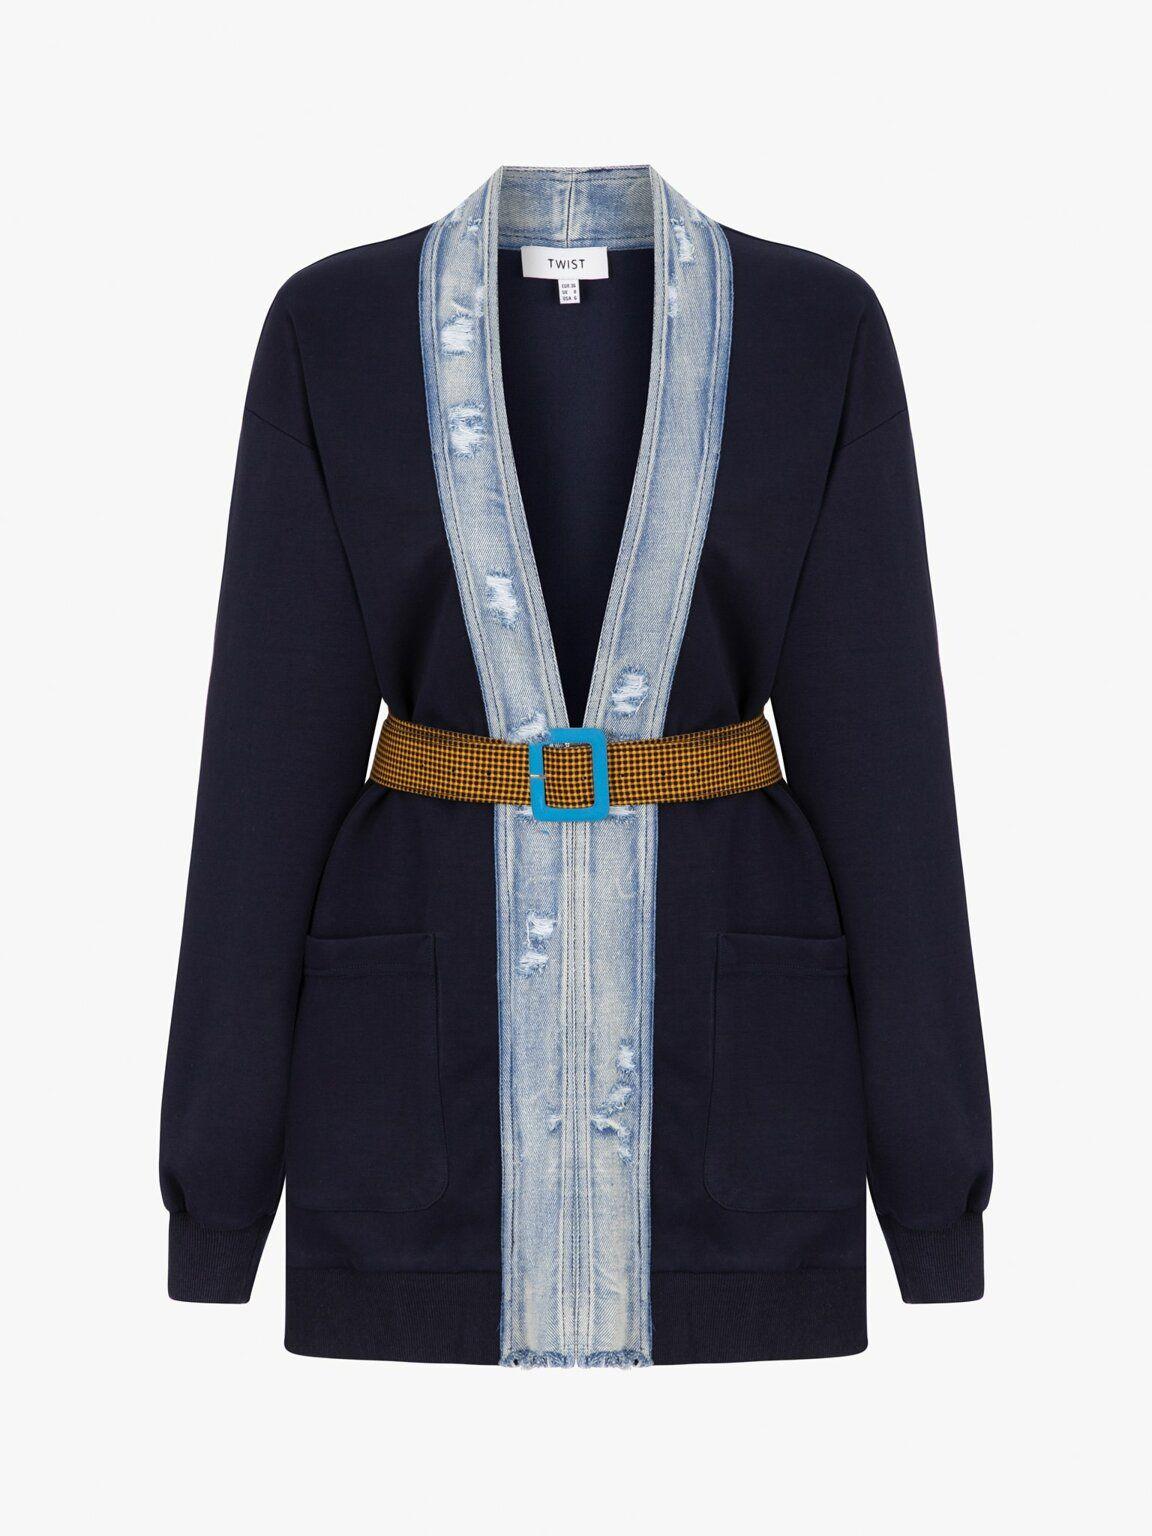 Lacivert Jean Mixli Kemerli Ceket Tw6190005060015 Twist 2020 Moda Stilleri Kot Ceket Kadin Ceketleri